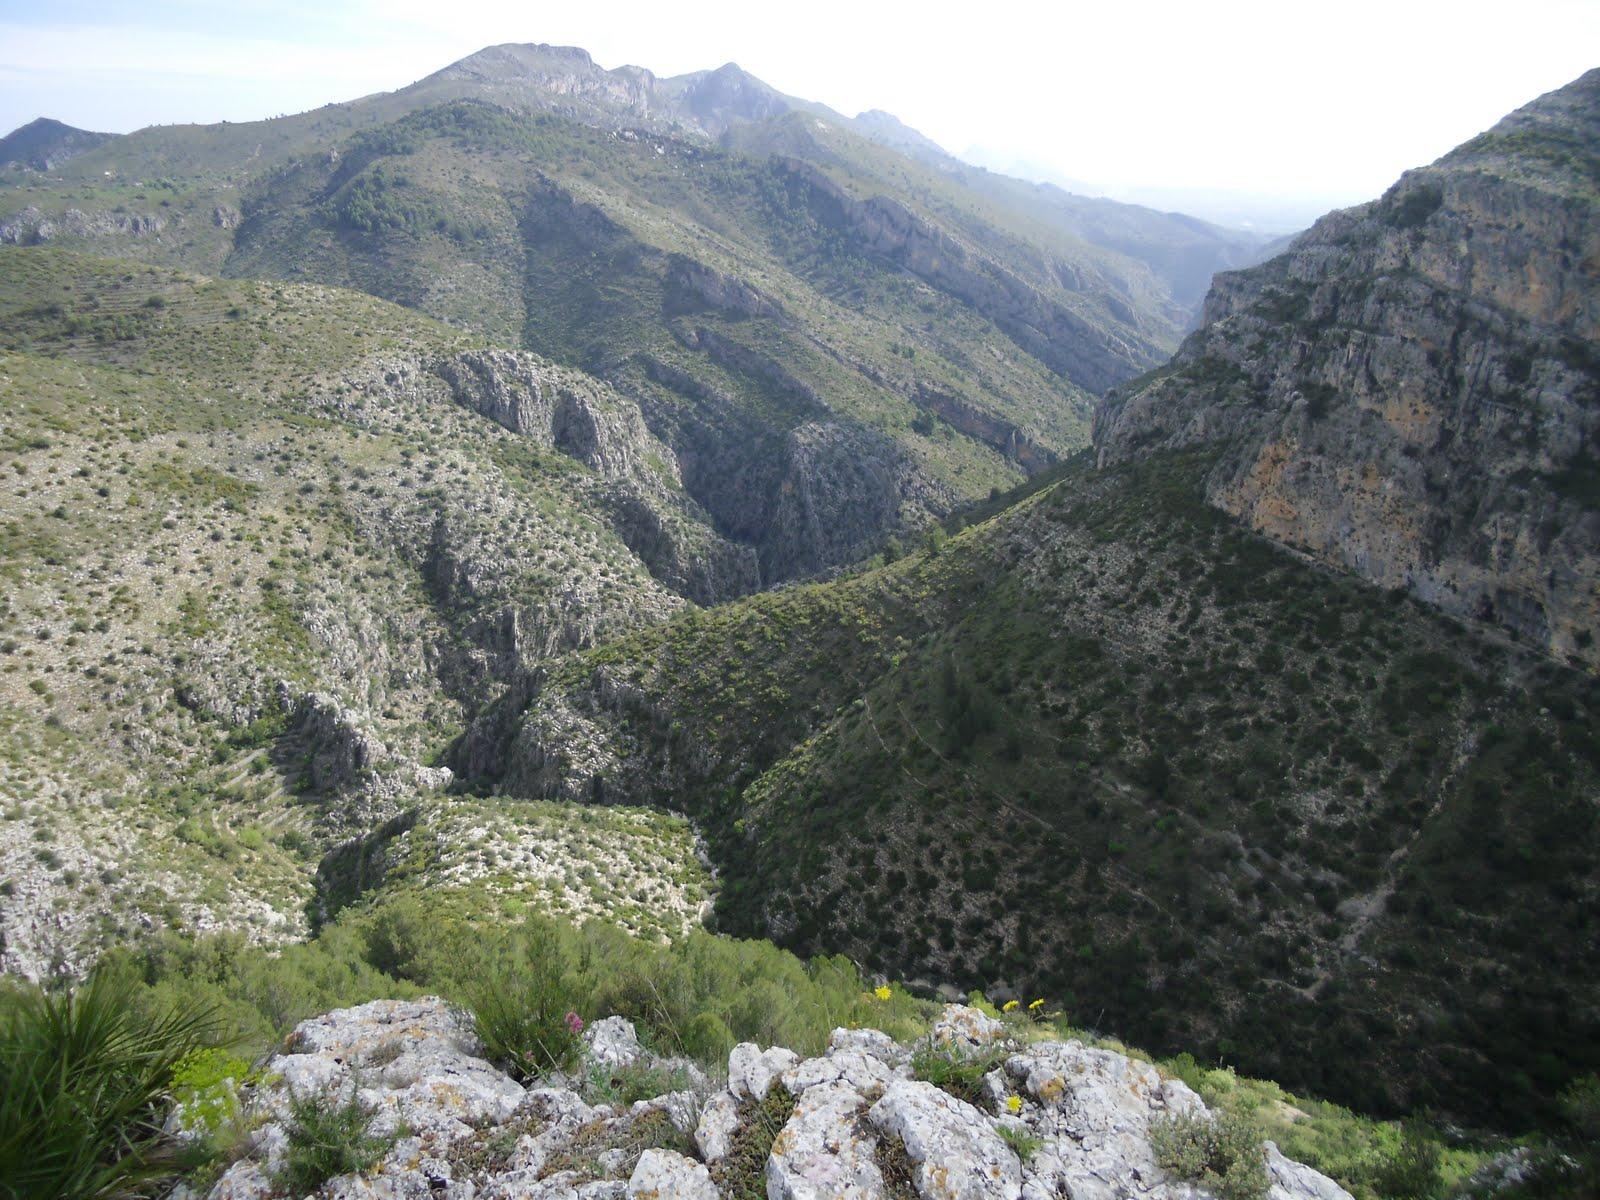 Barranc de Racons